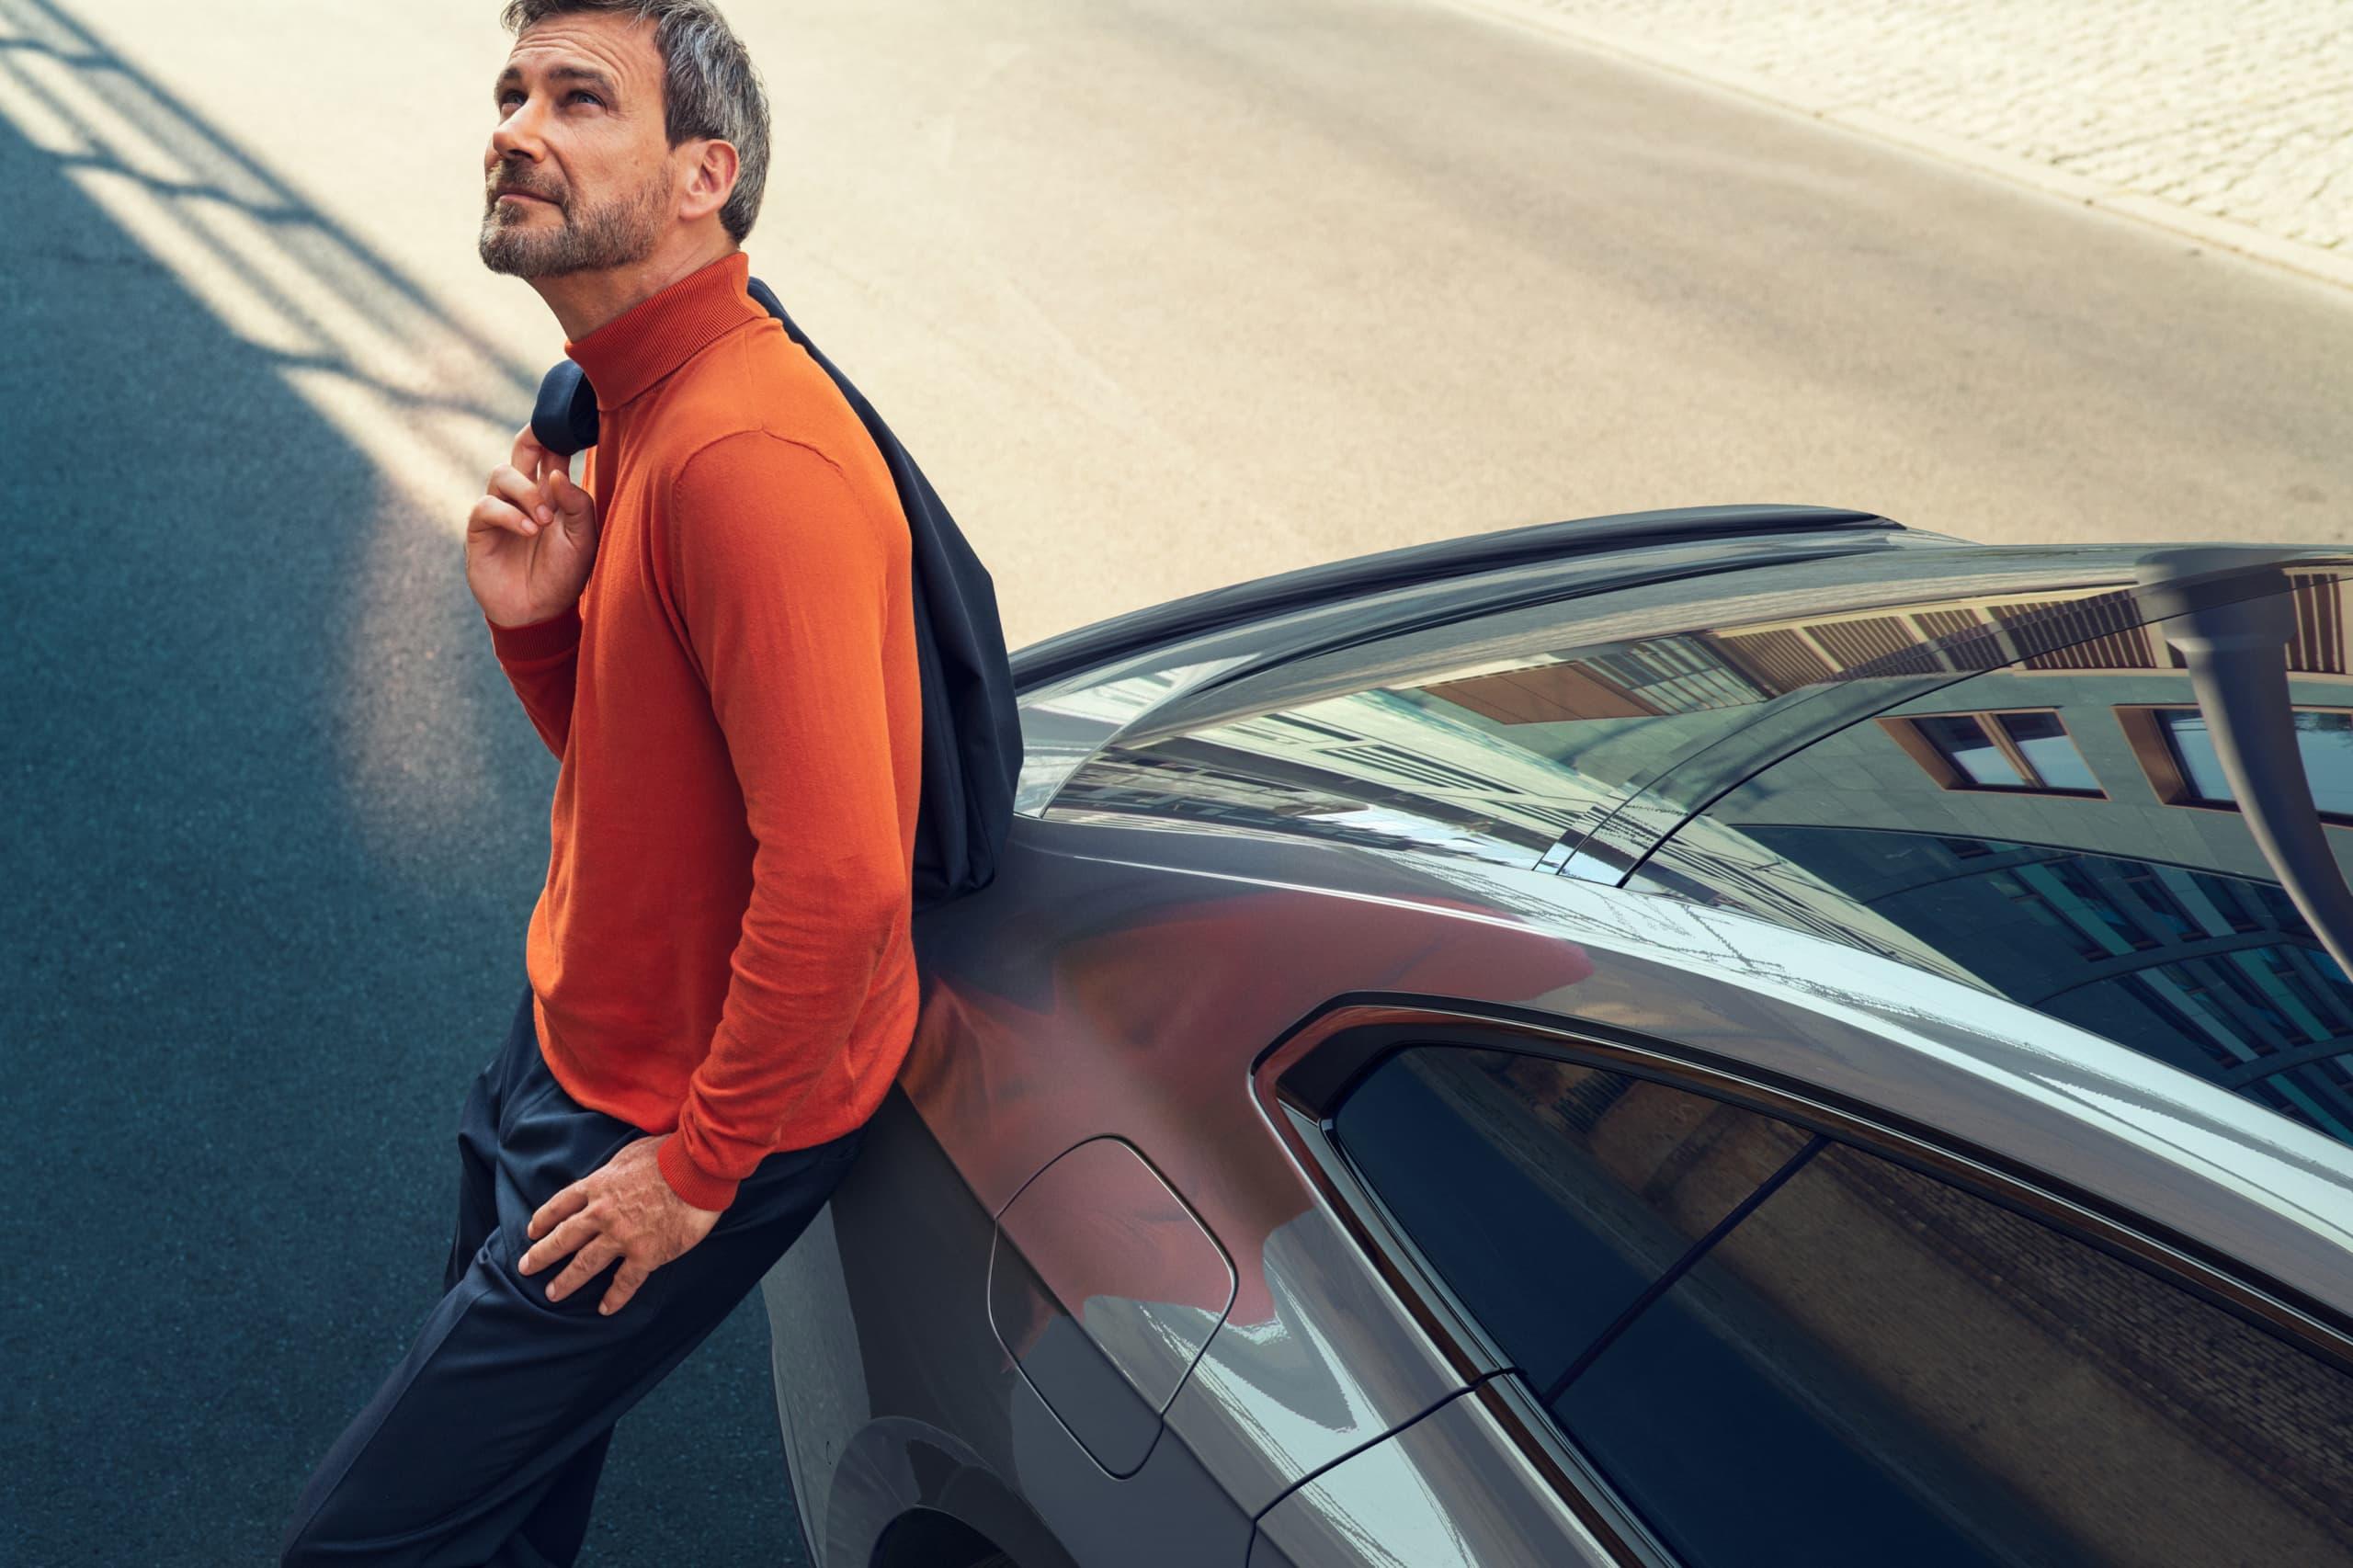 johannes kuehn photography and cgi berlin Berlin with Volkswagen